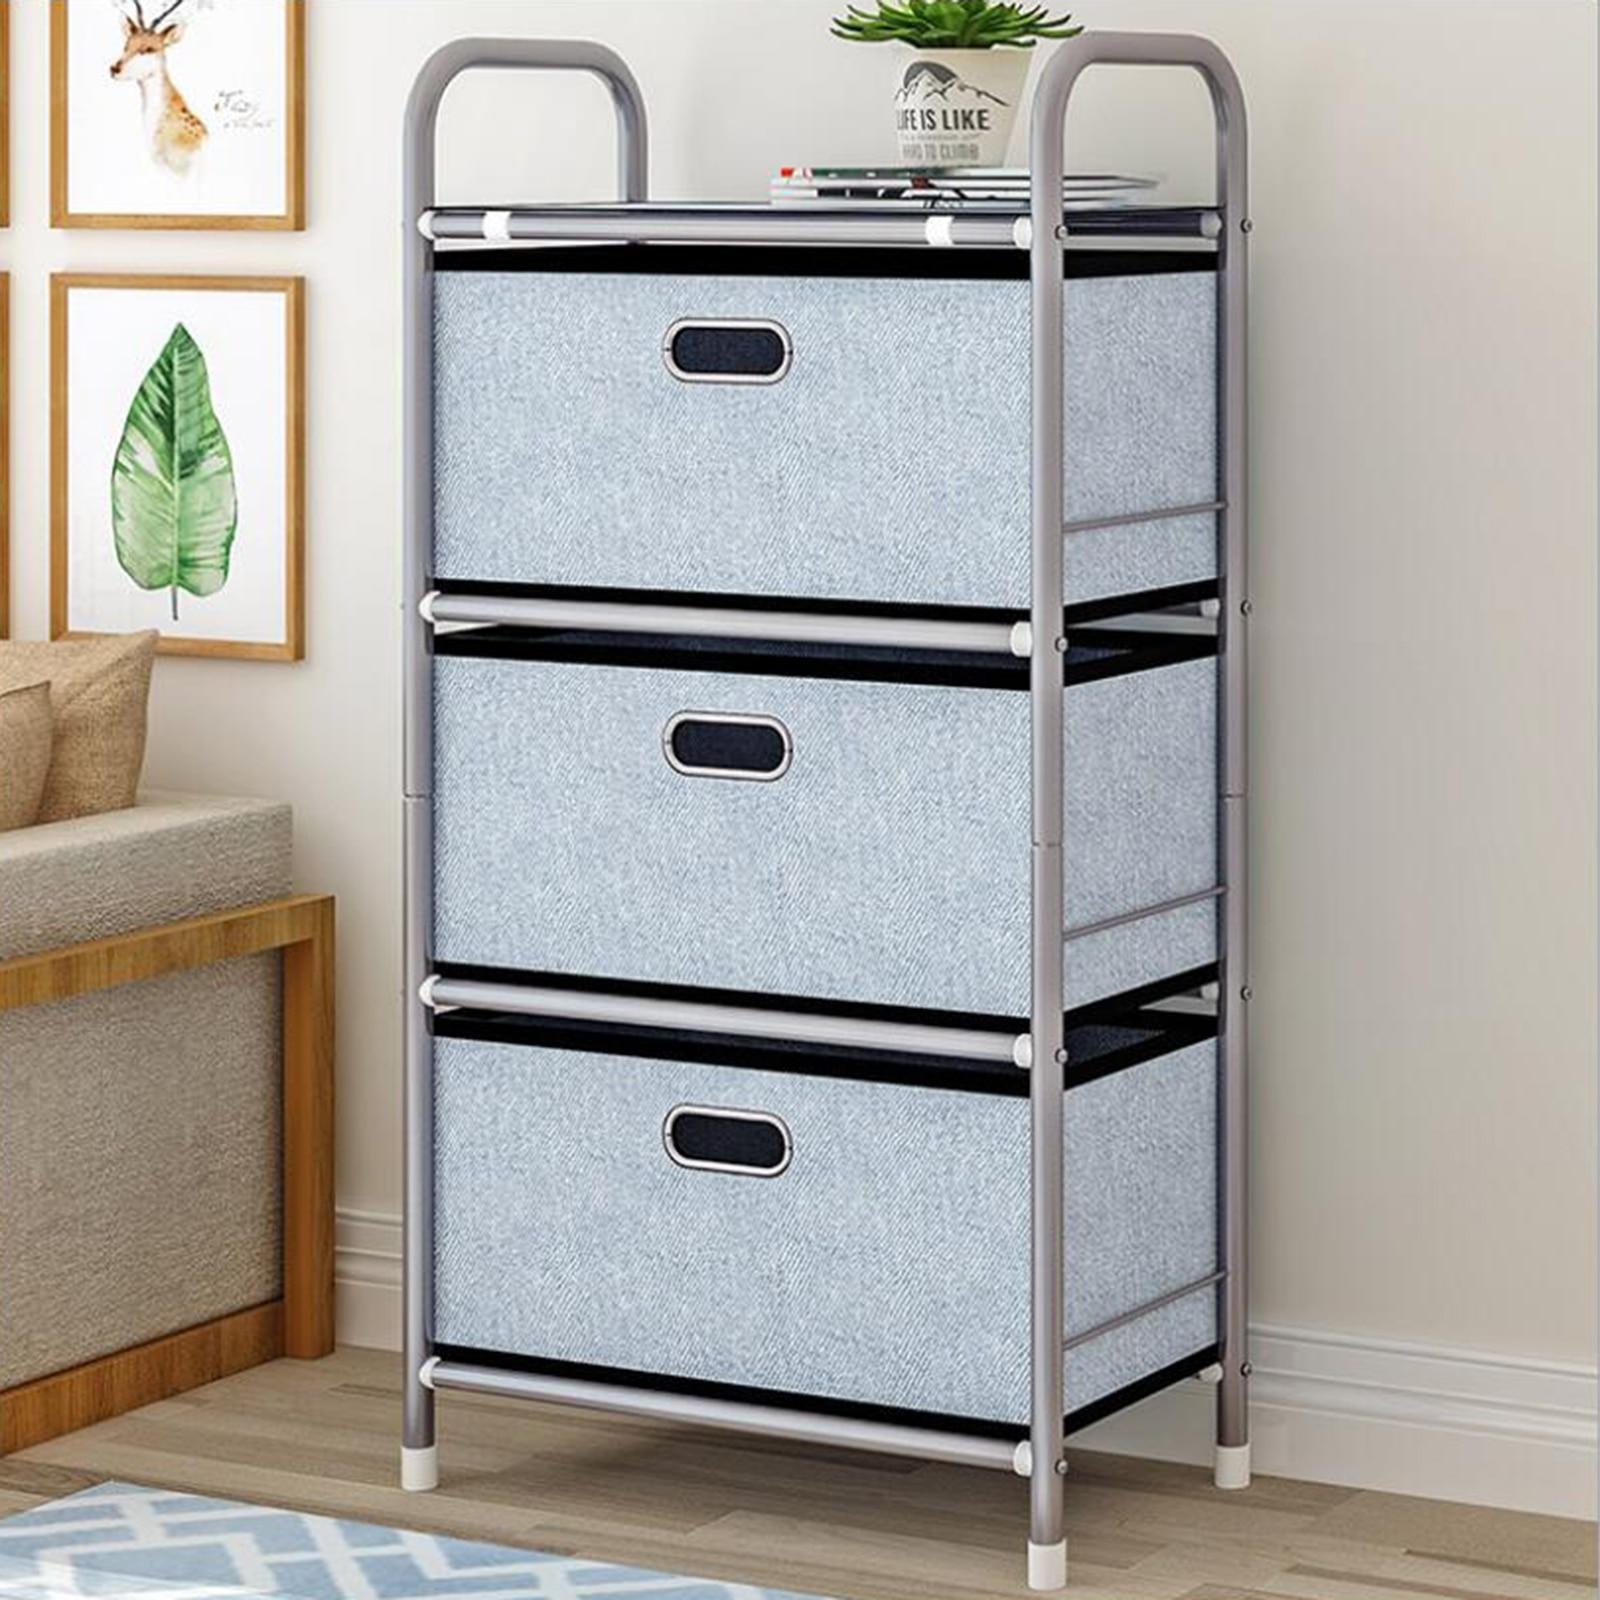 Tour de rangement verticale de meubles 3 tiroirs armoire de rangement vêtements articles divers jouets organisateur Rack Anti-rouille robuste cadre en acier